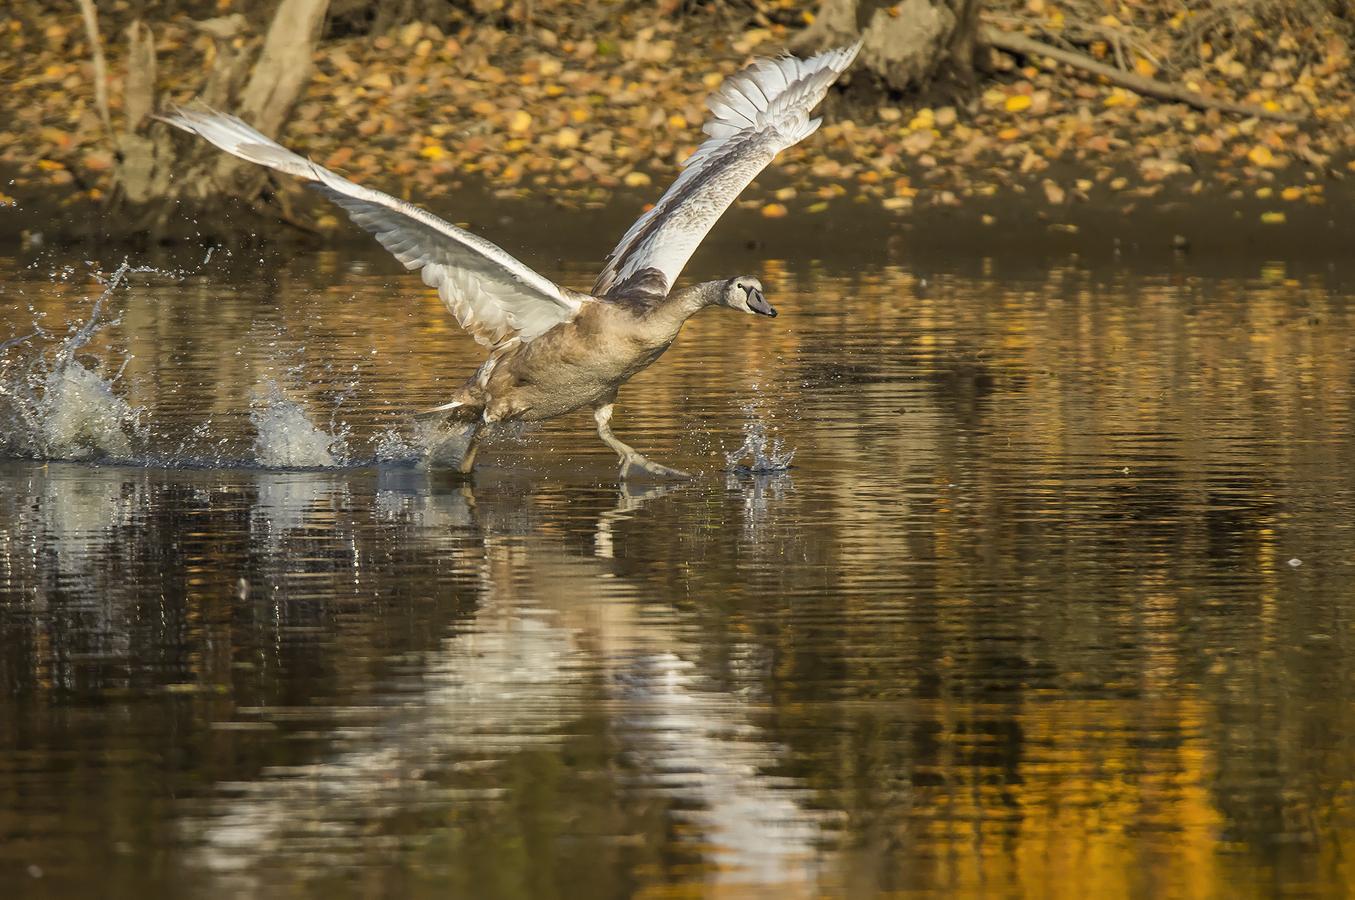 Labutí podzimní běh po hladině jedné zapadlé pískovny